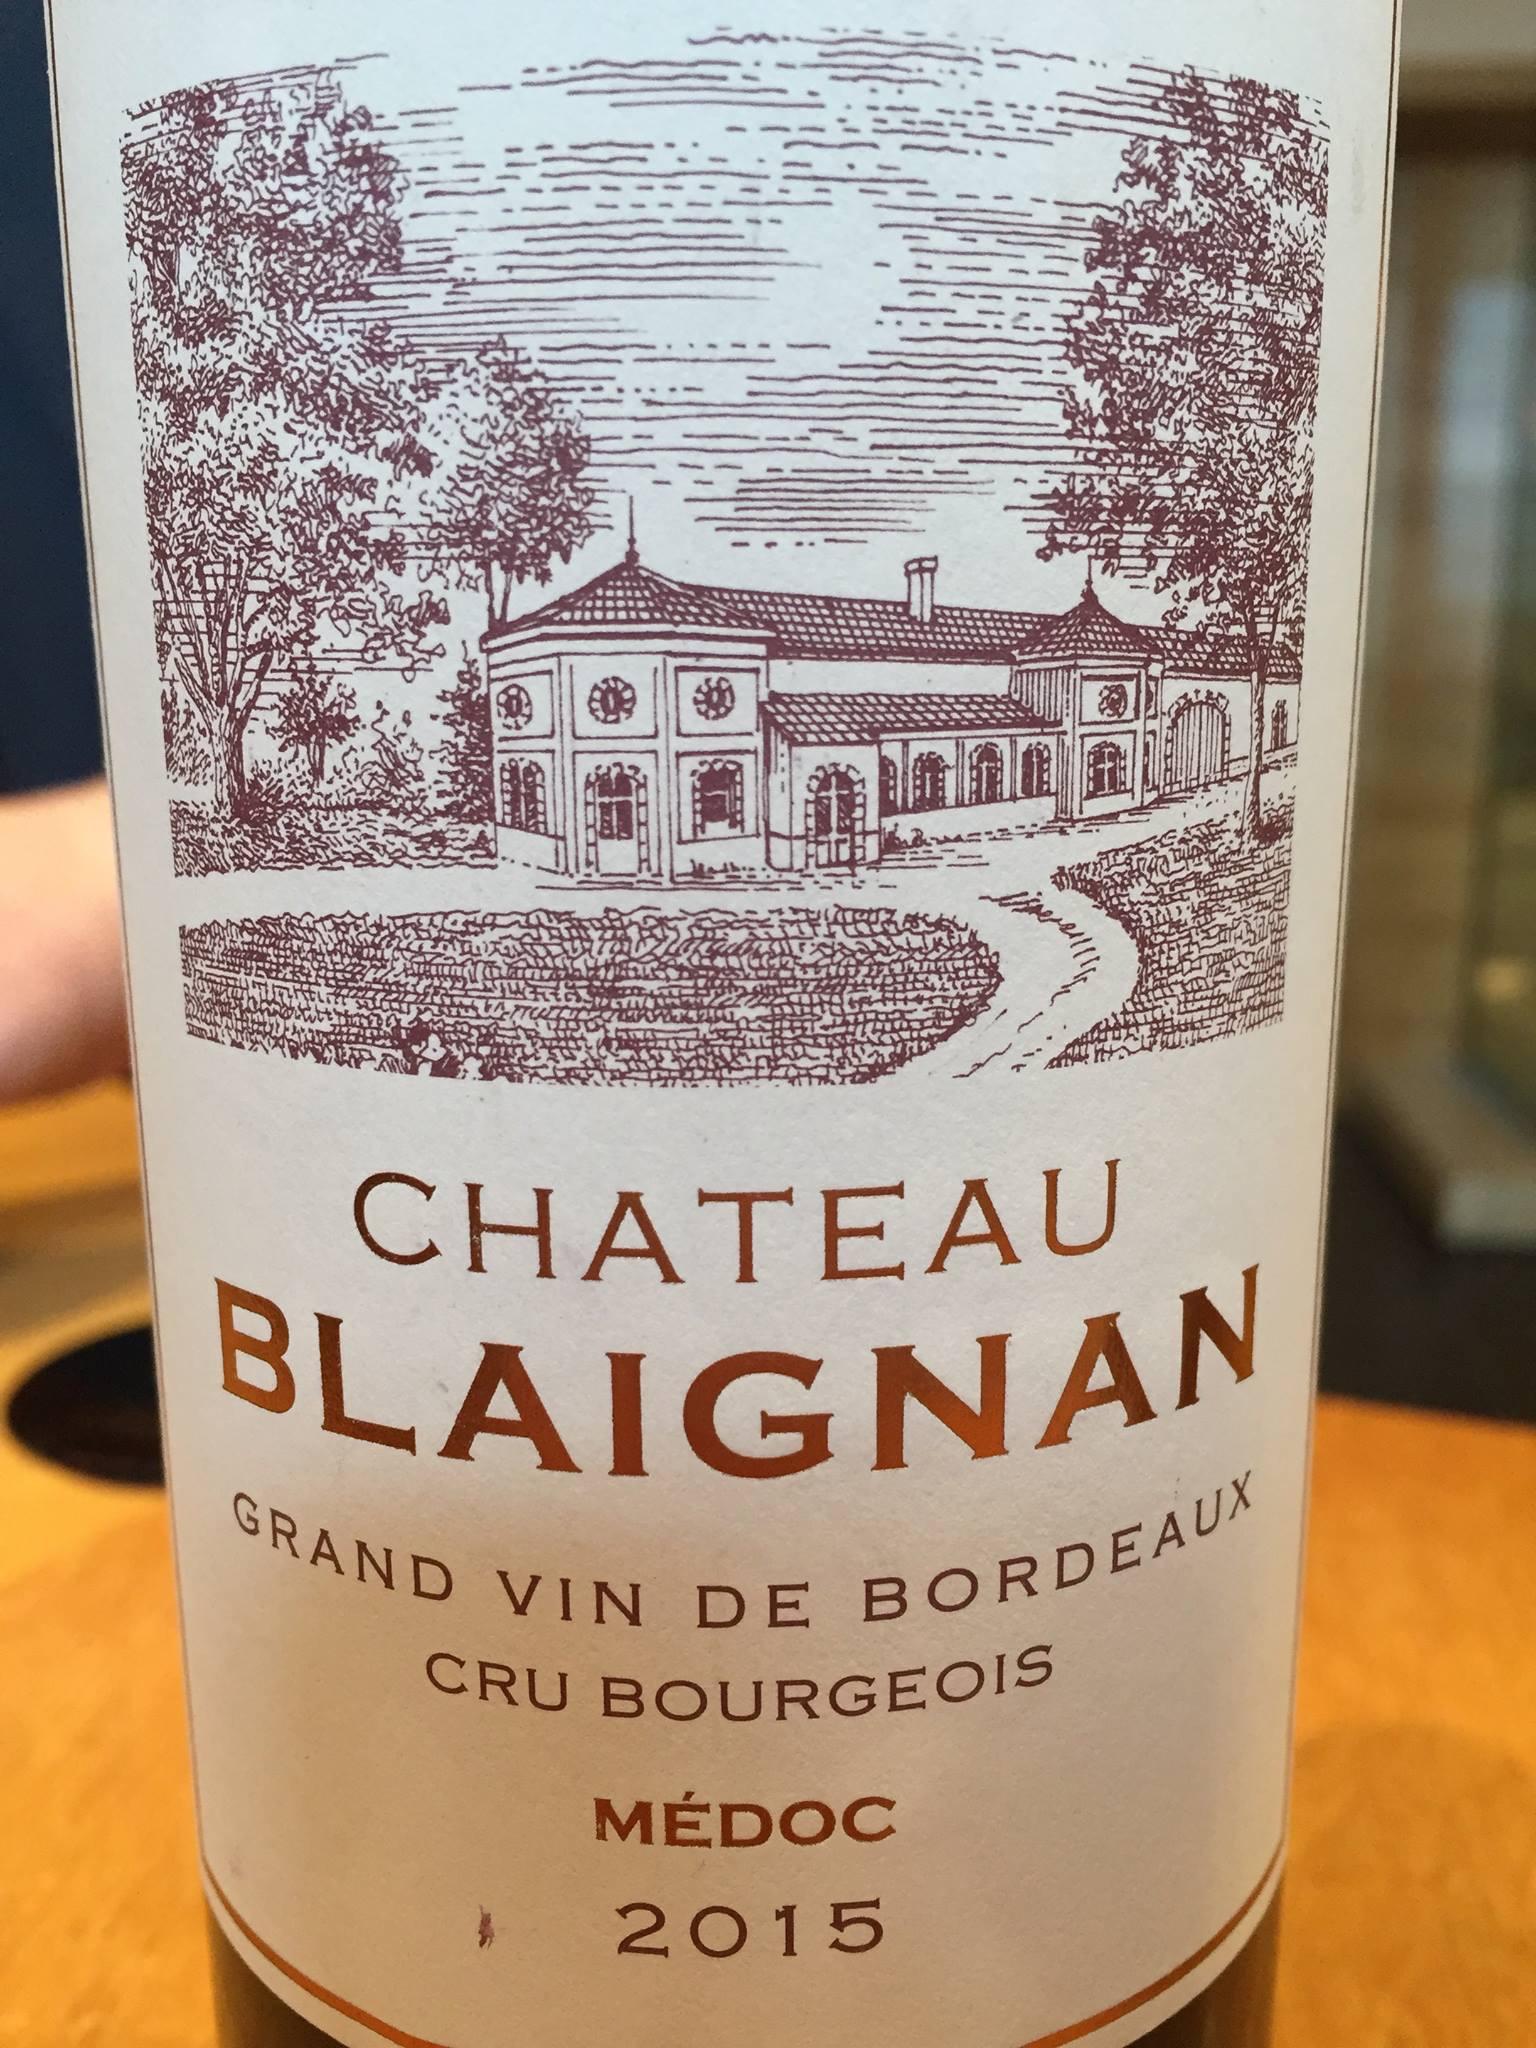 Château Blaignan 2015 – Médoc